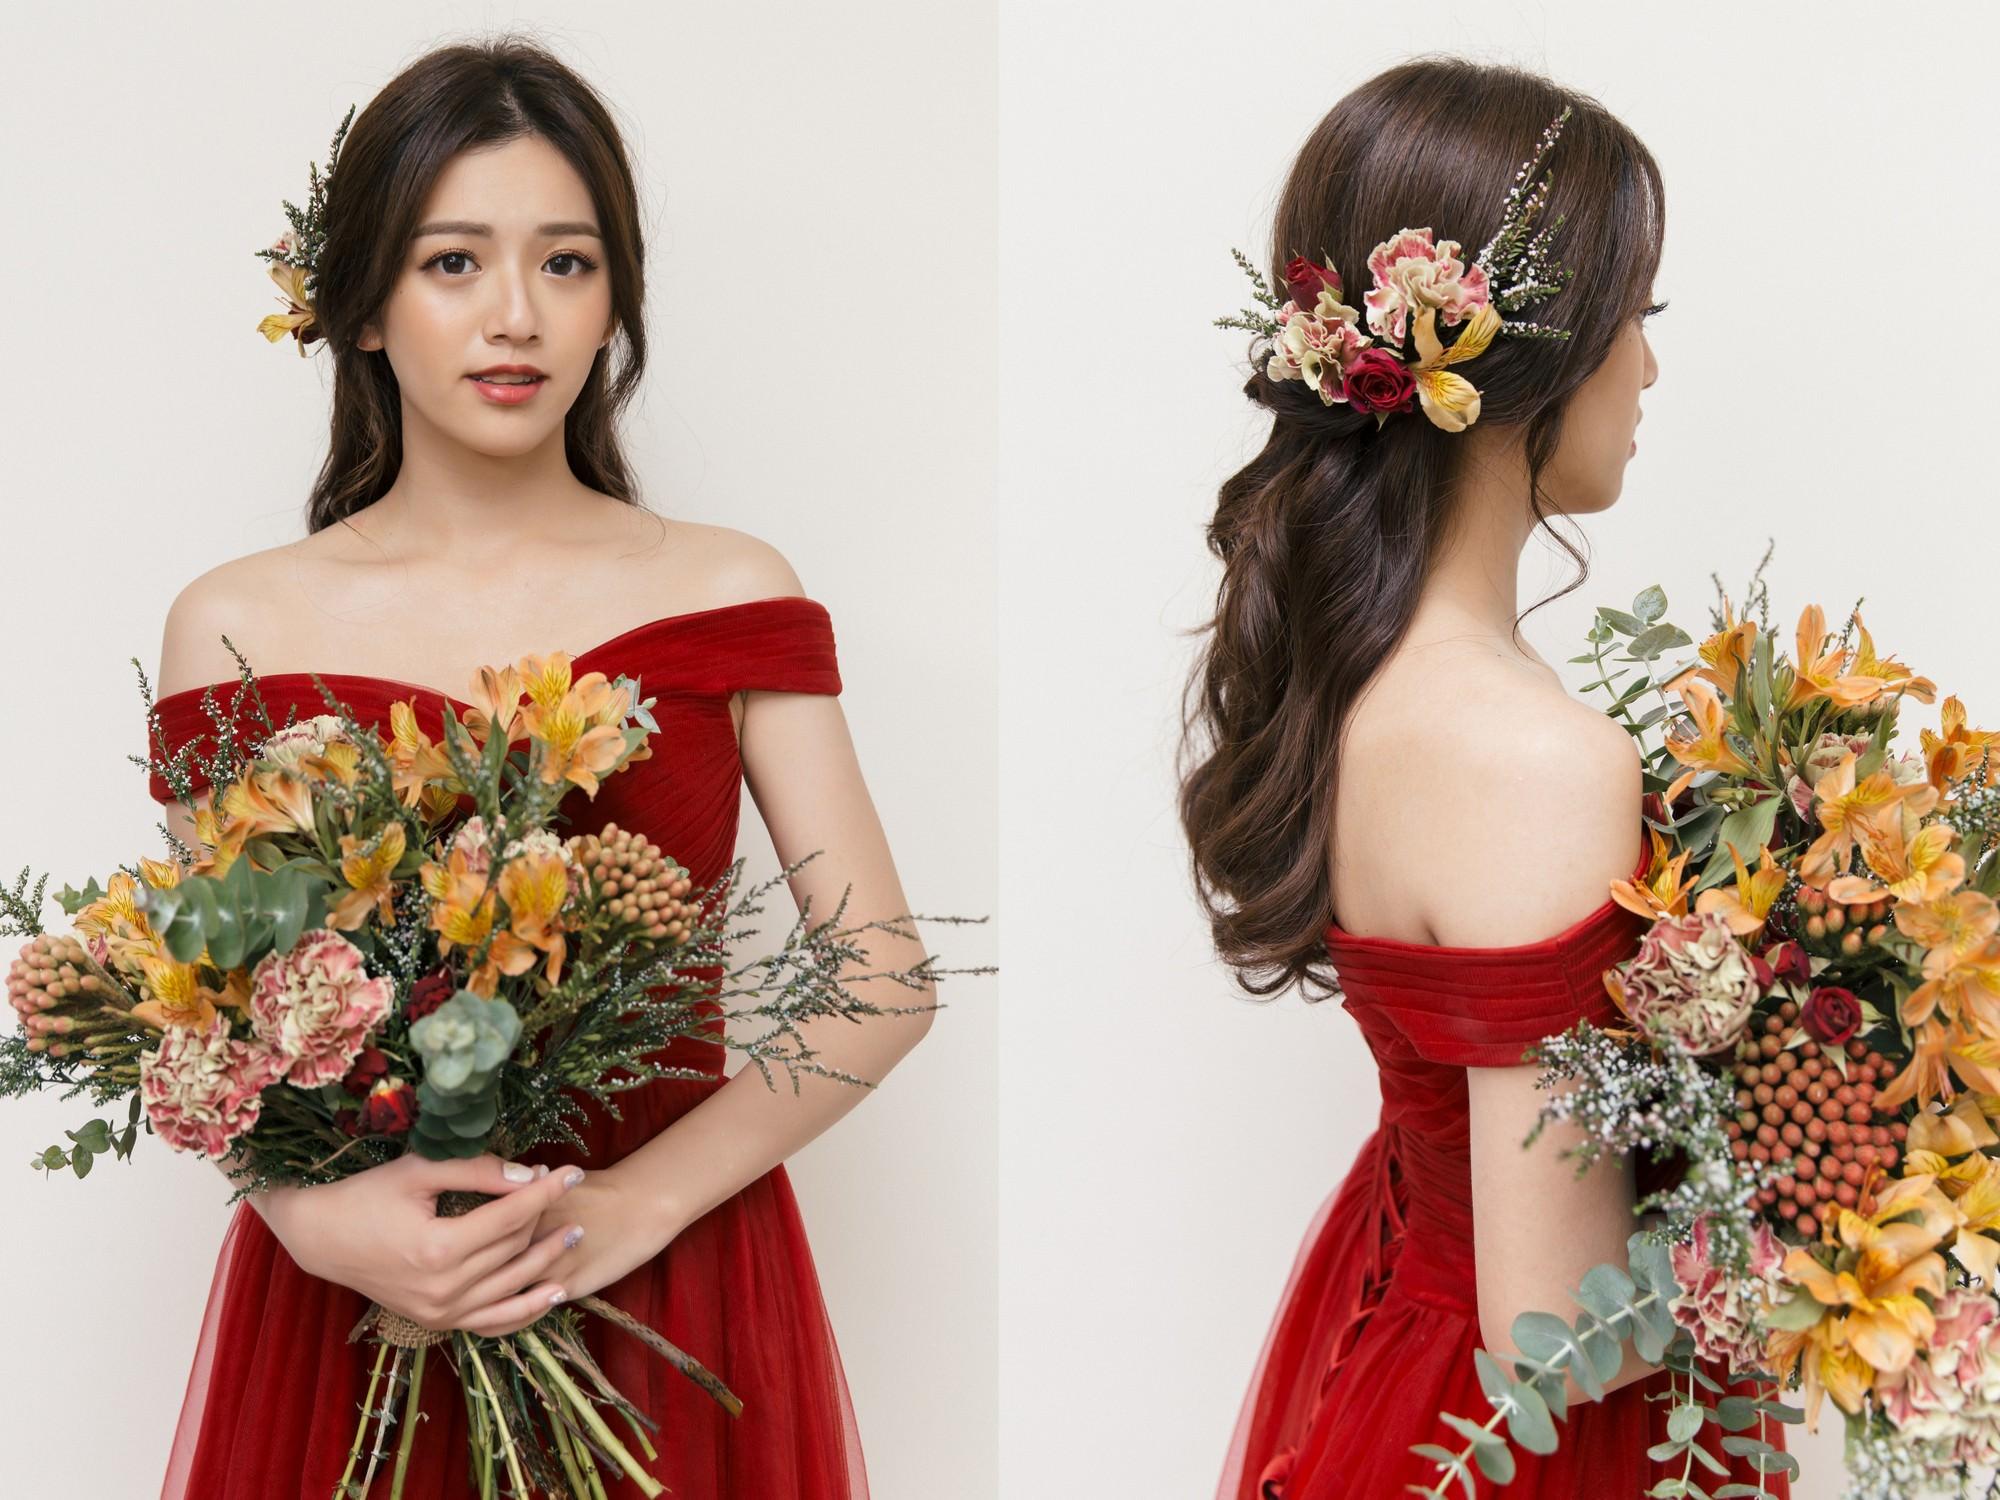 紅色禮服|新娘秘書|新秘|新娘造型|鮮花造型|新娘髮型|膚色黑|新娘妝容|高雄新秘|wedding hairstyle, 古銅肌新娘|